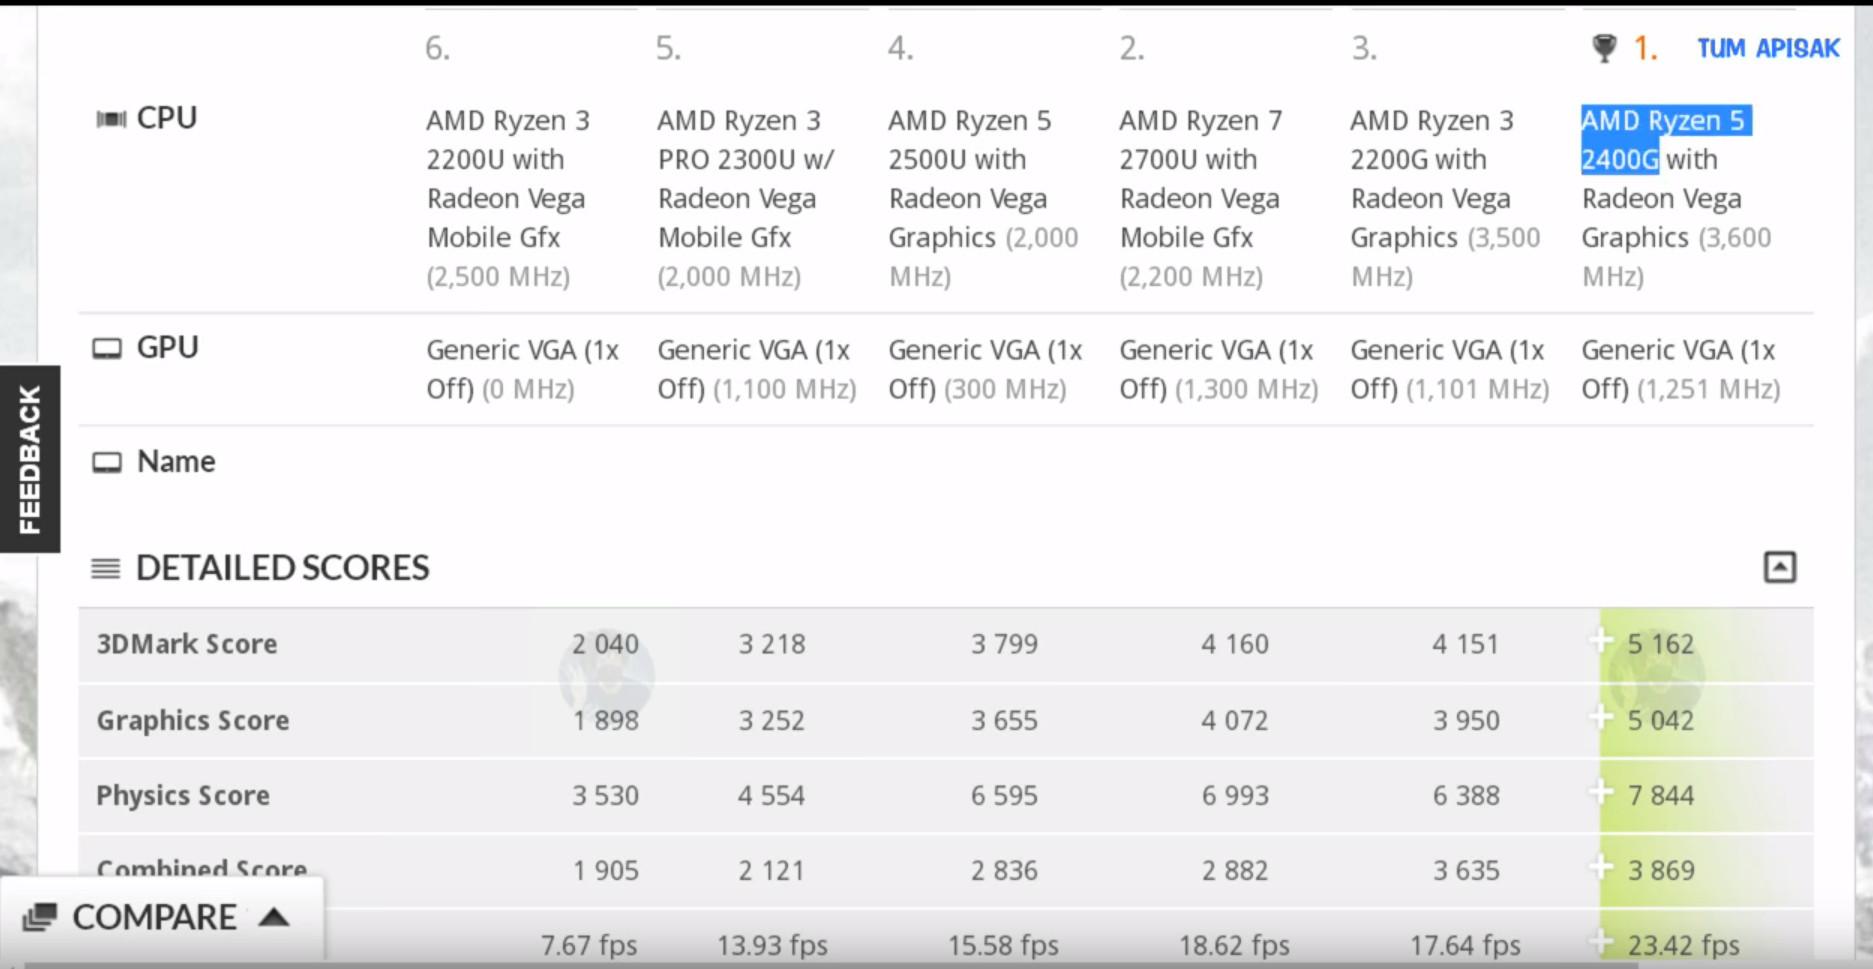 La GPU del Ryzen 5 2400G rinde como las Radeon RX 550-RX 560 de AMD 31